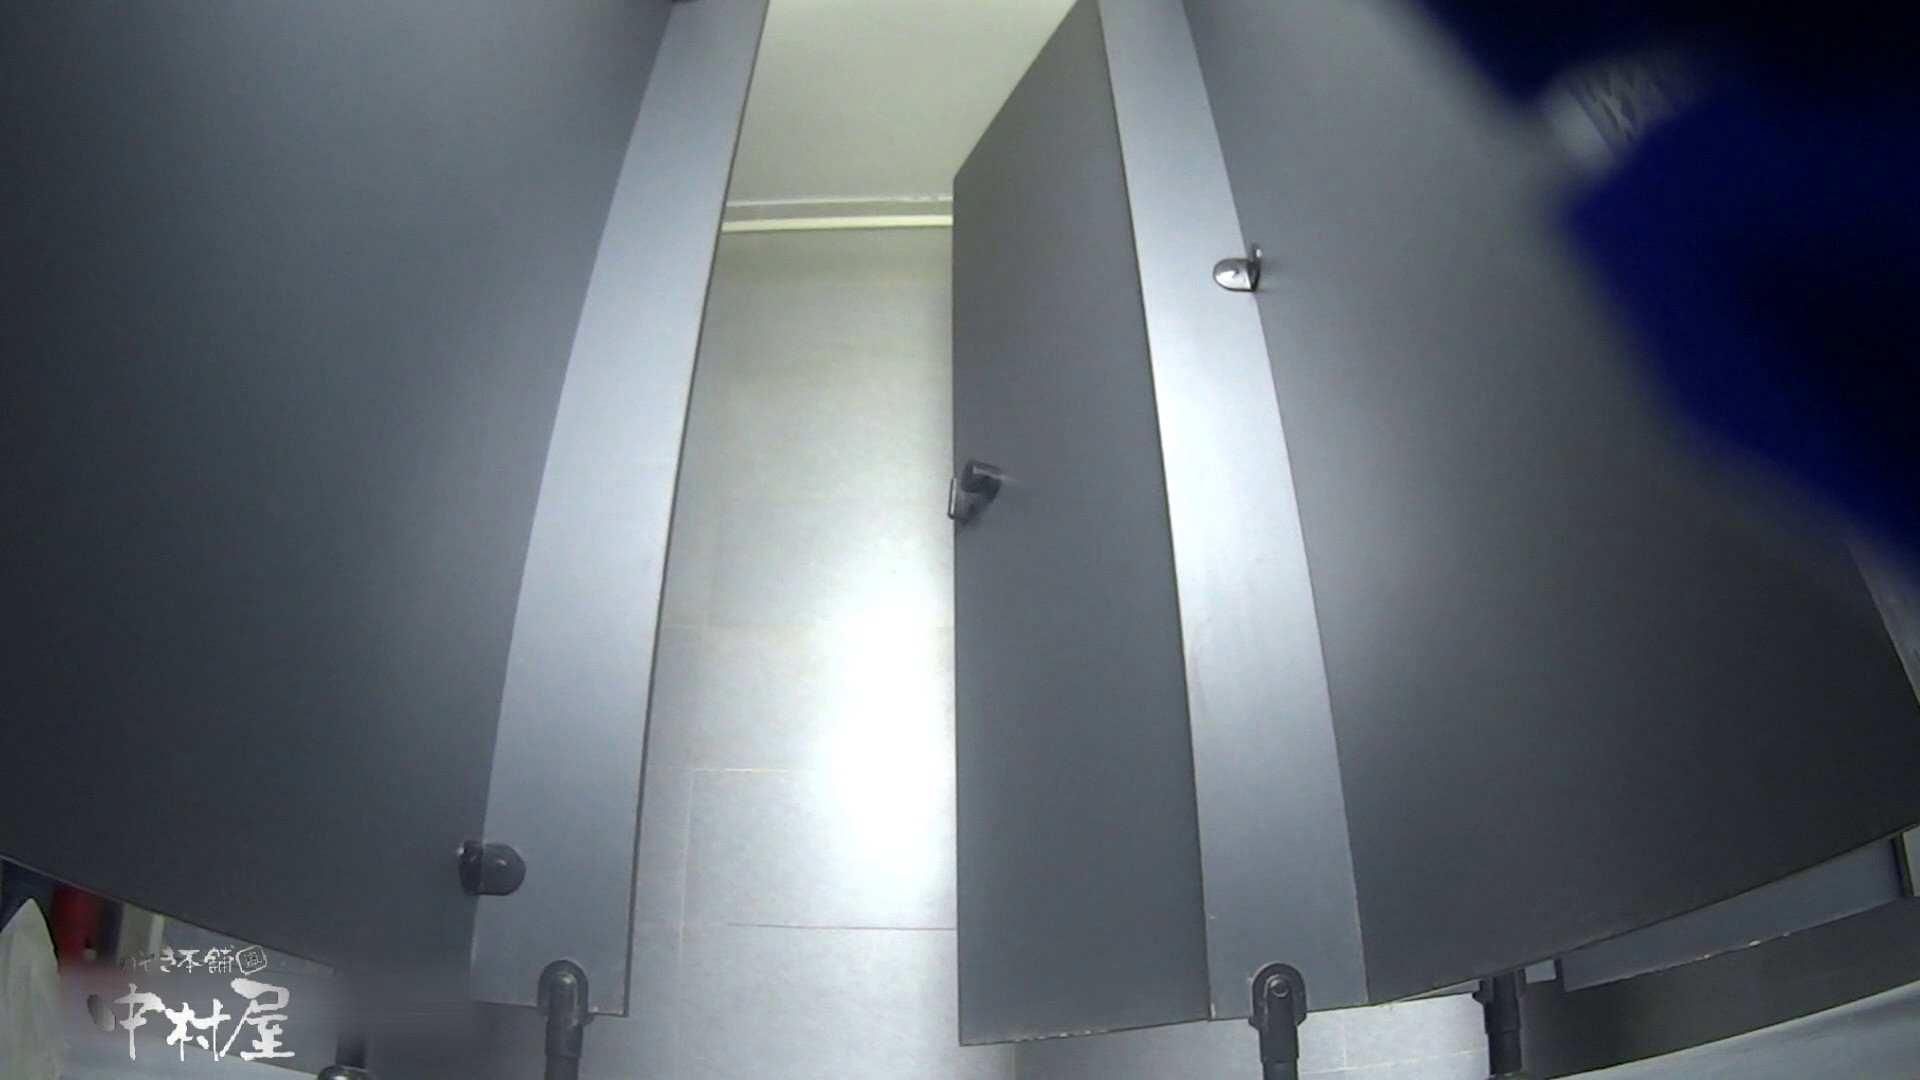 ツンデレお女市さんのトイレ事情 大学休憩時間の洗面所事情32 女性トイレ 盗み撮り動画 102pic 83